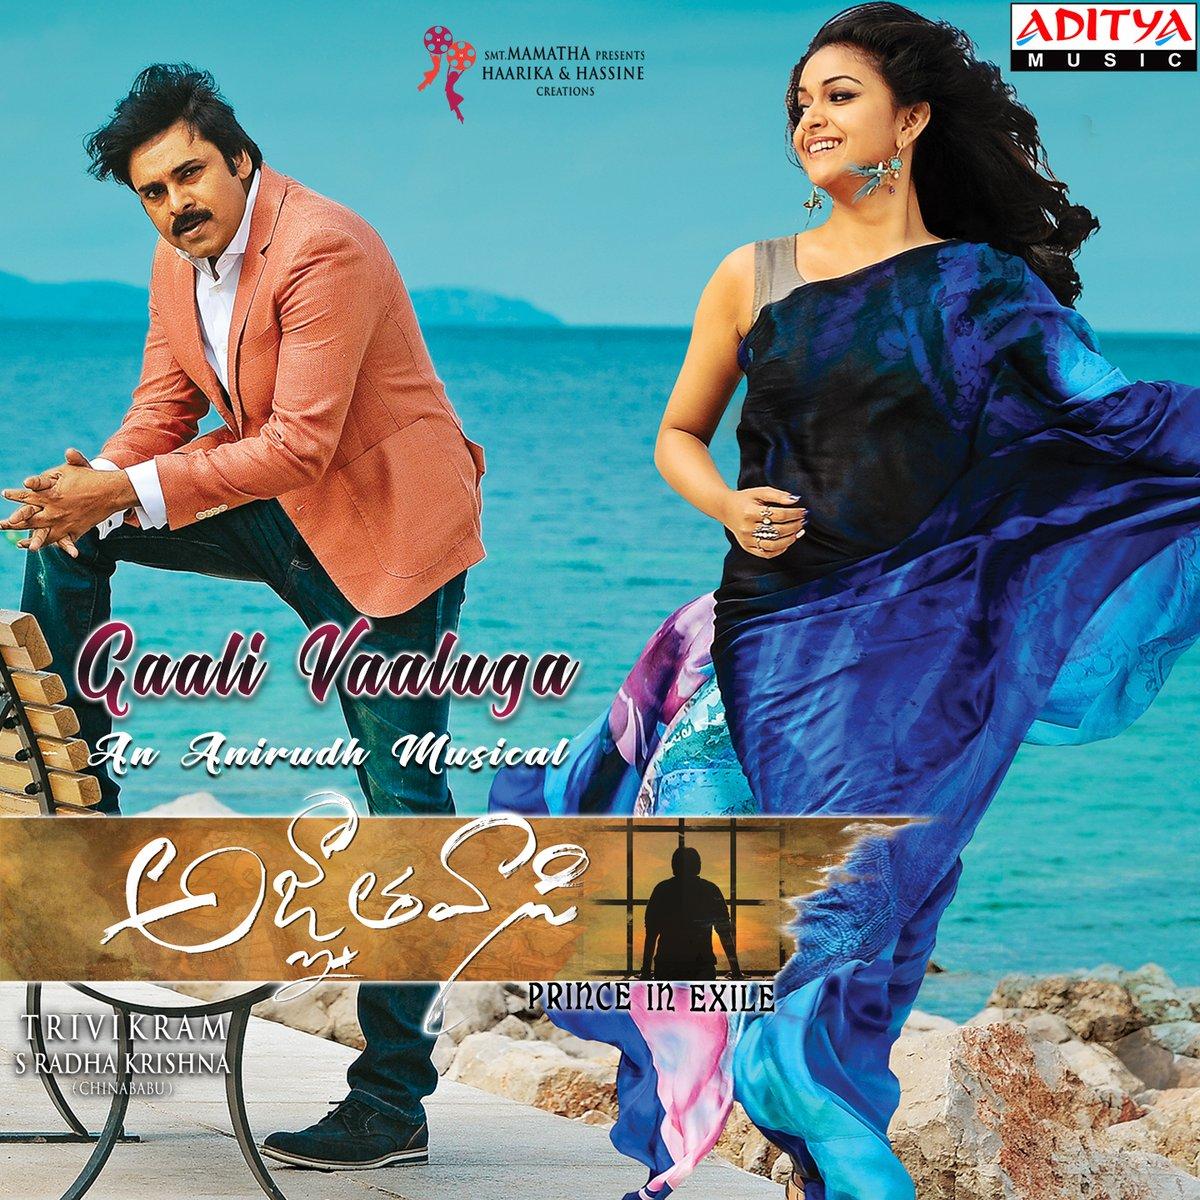 Telugu Filmnagar's photo on #GaaliVaaluga